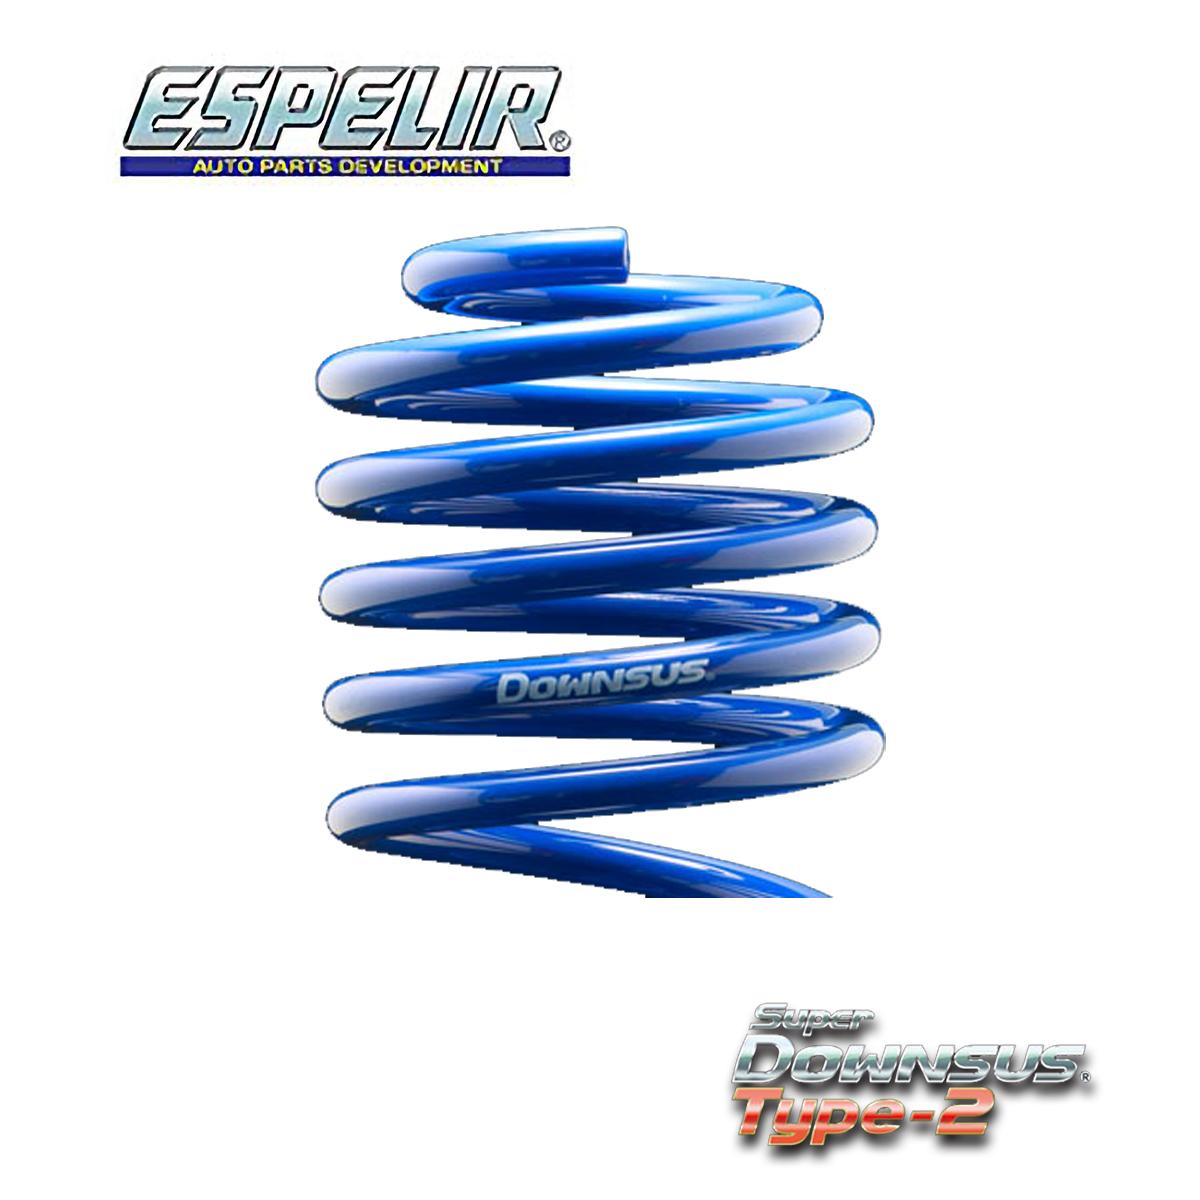 エスペリア レクサス GYL20W RX 450h スプリング ダウンサス フロント ESX-3494F スーパーダウンサス タイプ2 Super DOWNSUS Type-2 ESPELIR